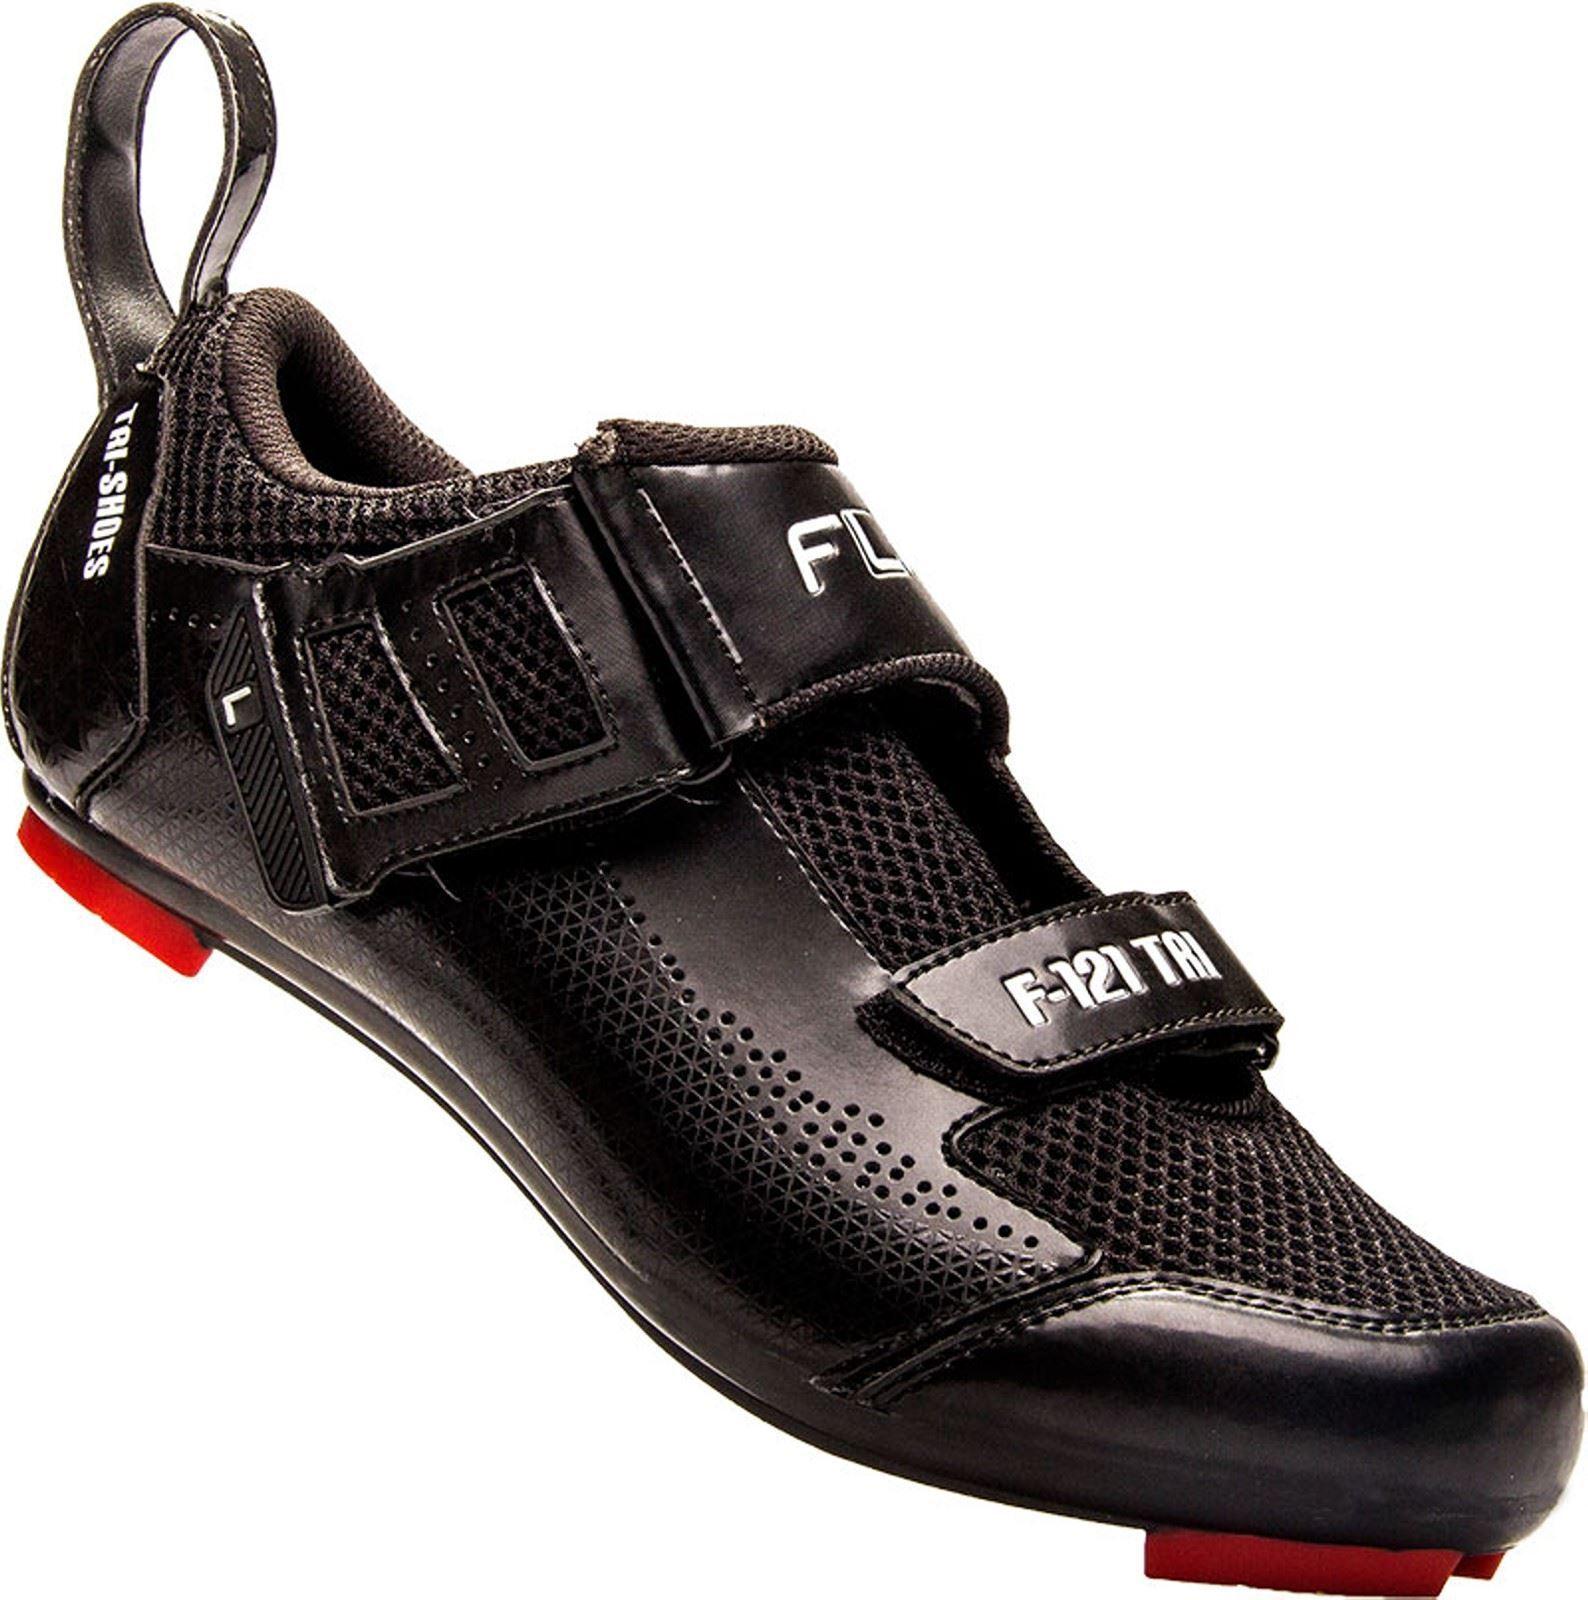 Flr F121 Triathlon Scarpe in Nero  Misura 42 Mountain e Bici da Strada